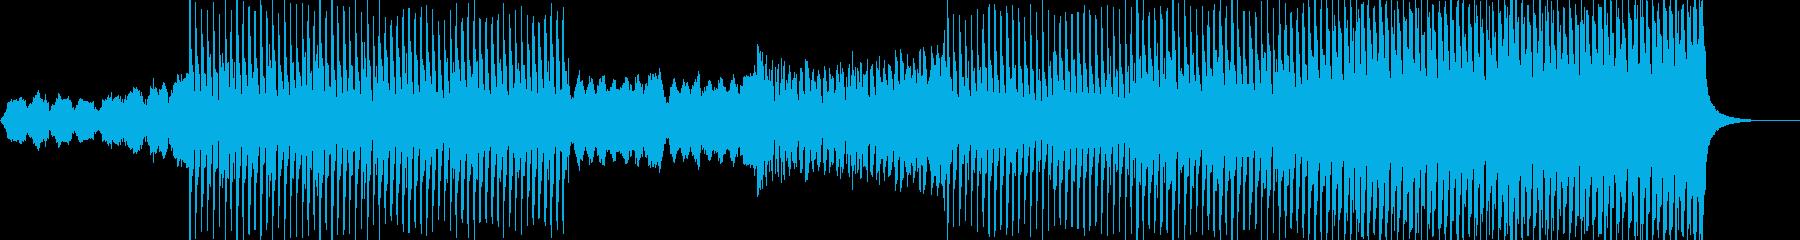 ダークでポップなアラビア風BGMの再生済みの波形